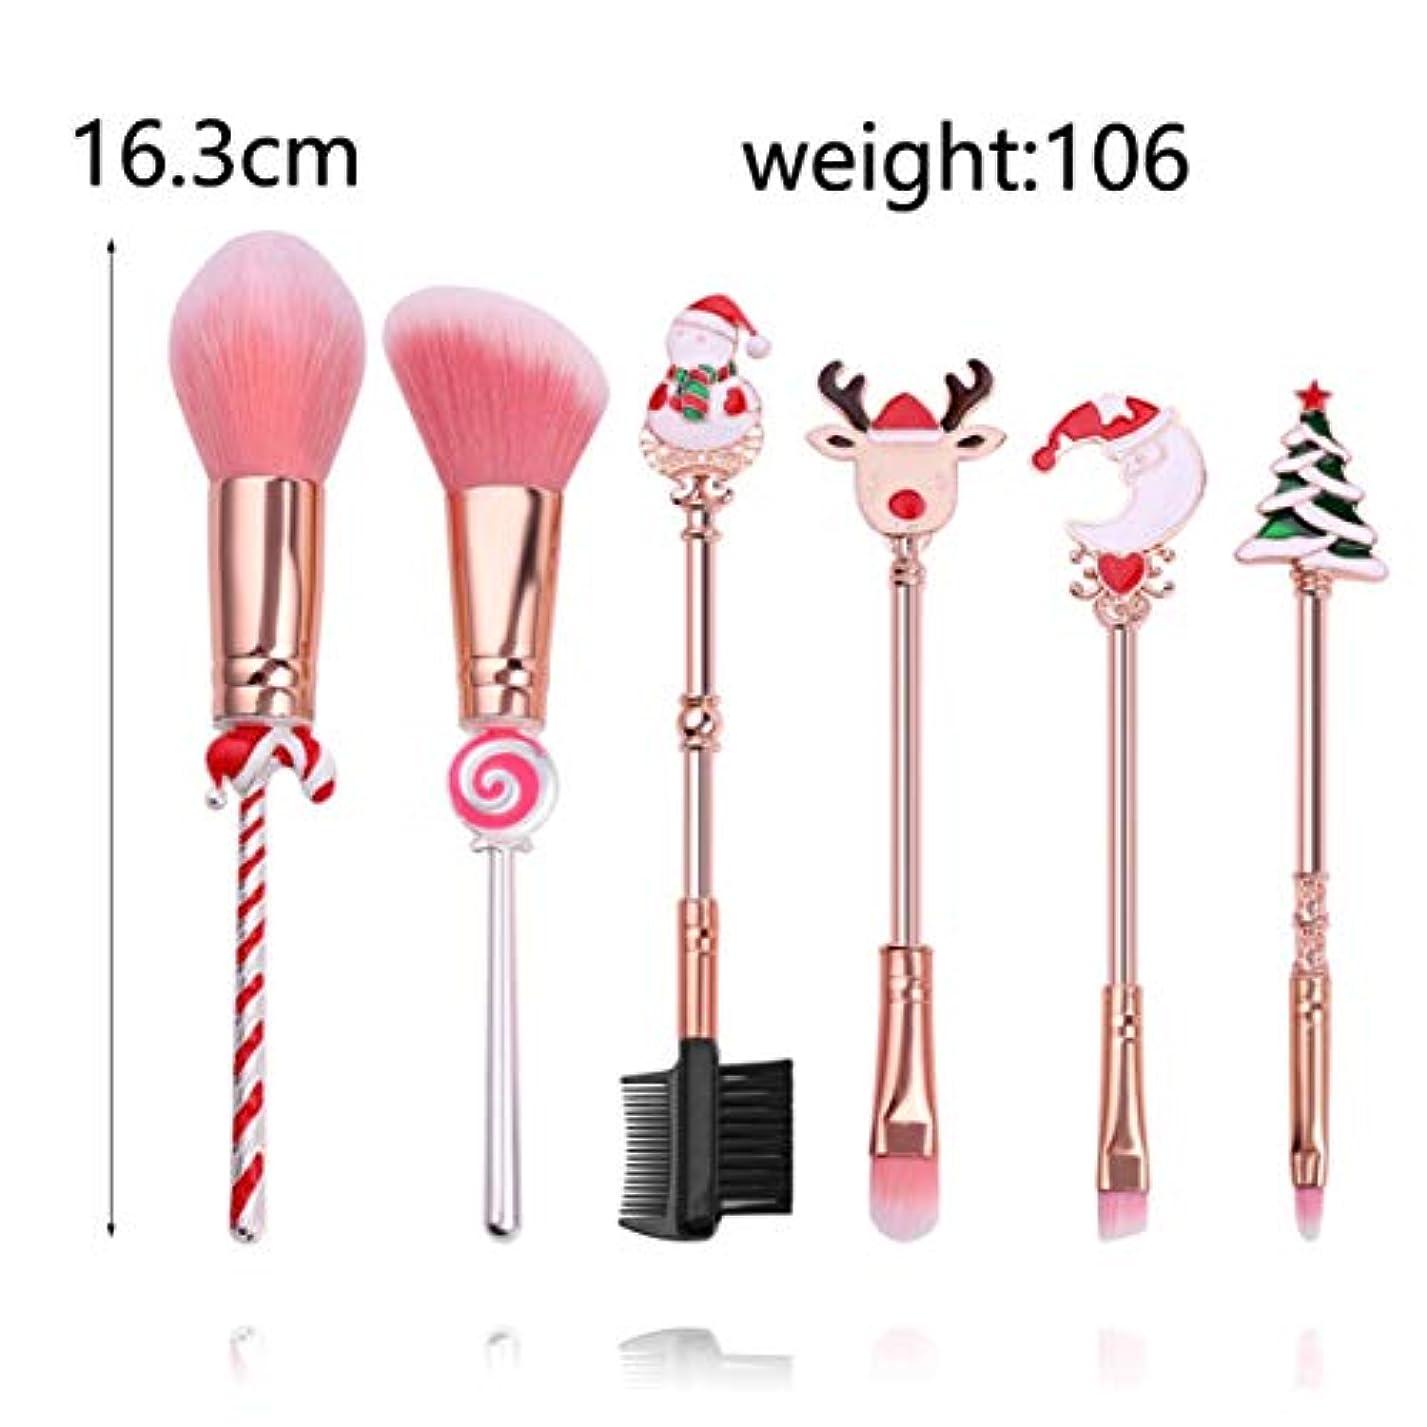 破滅勤勉天窓サリーの店 素晴らしい6パソコンキャンディクリスマス化粧ブラシエルクかわいいキャンディポータブルミニ化粧キット(None 1)